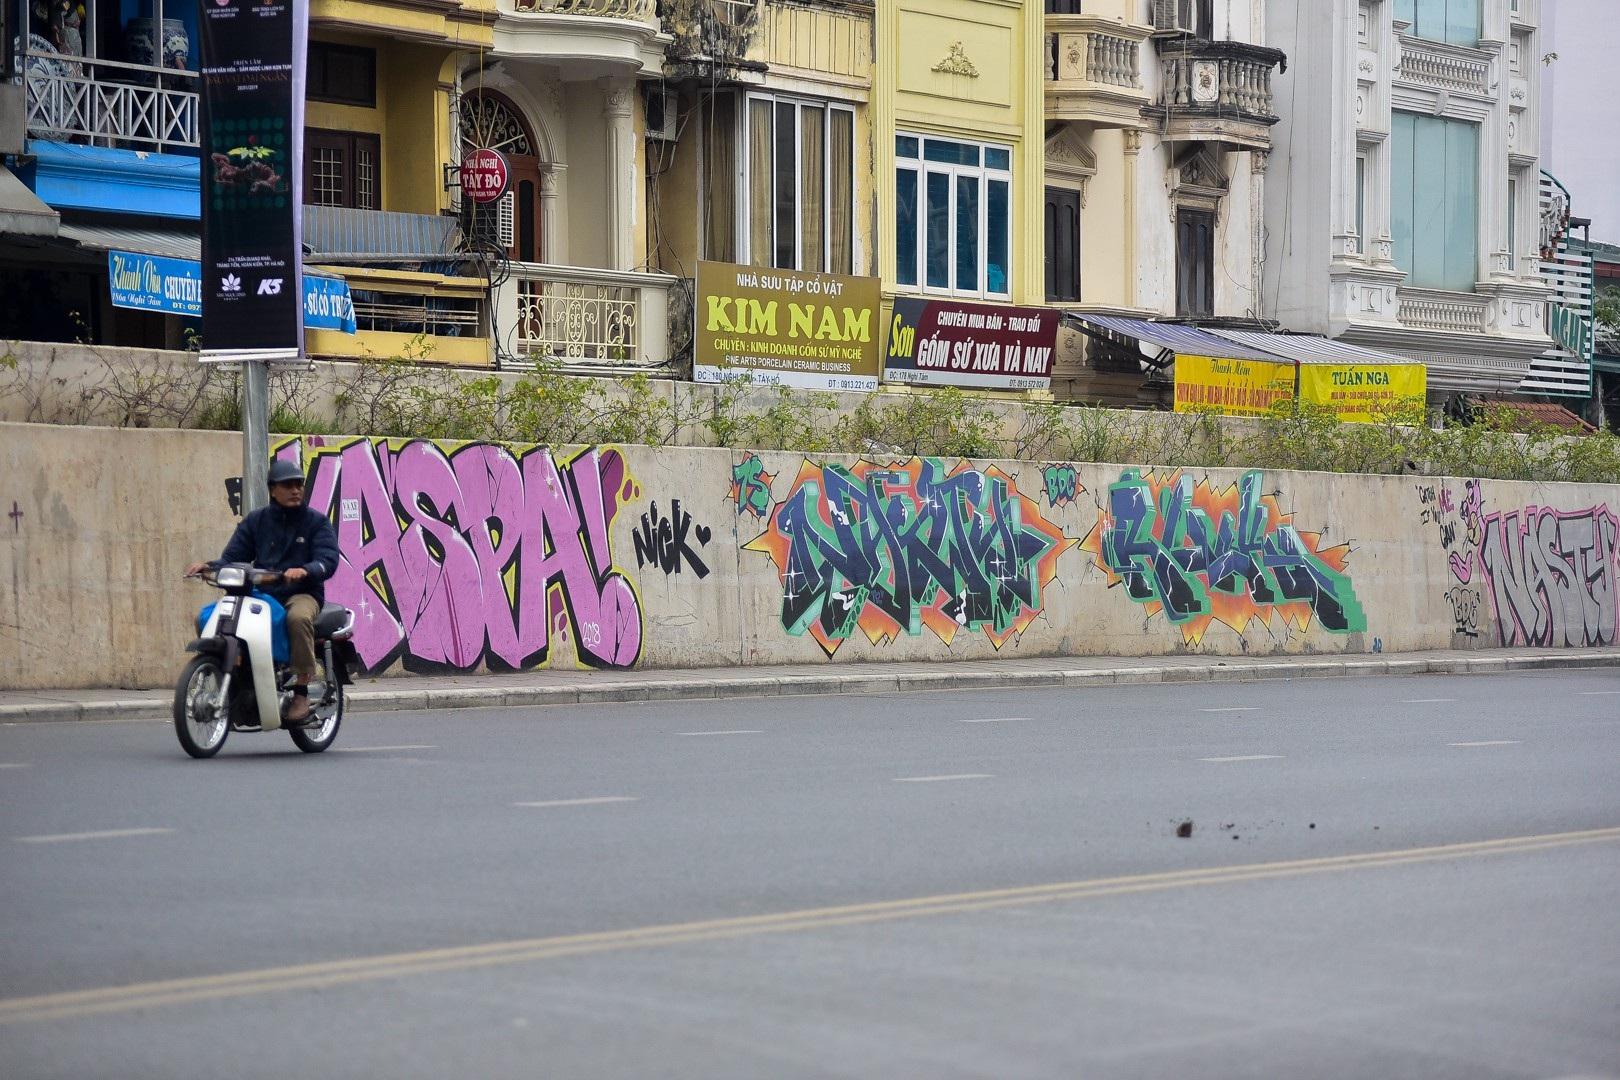 Vẽ graffiti kín tuyến đường tiền tỷ mới mở rộng ở Hà Nội - Ảnh 7.